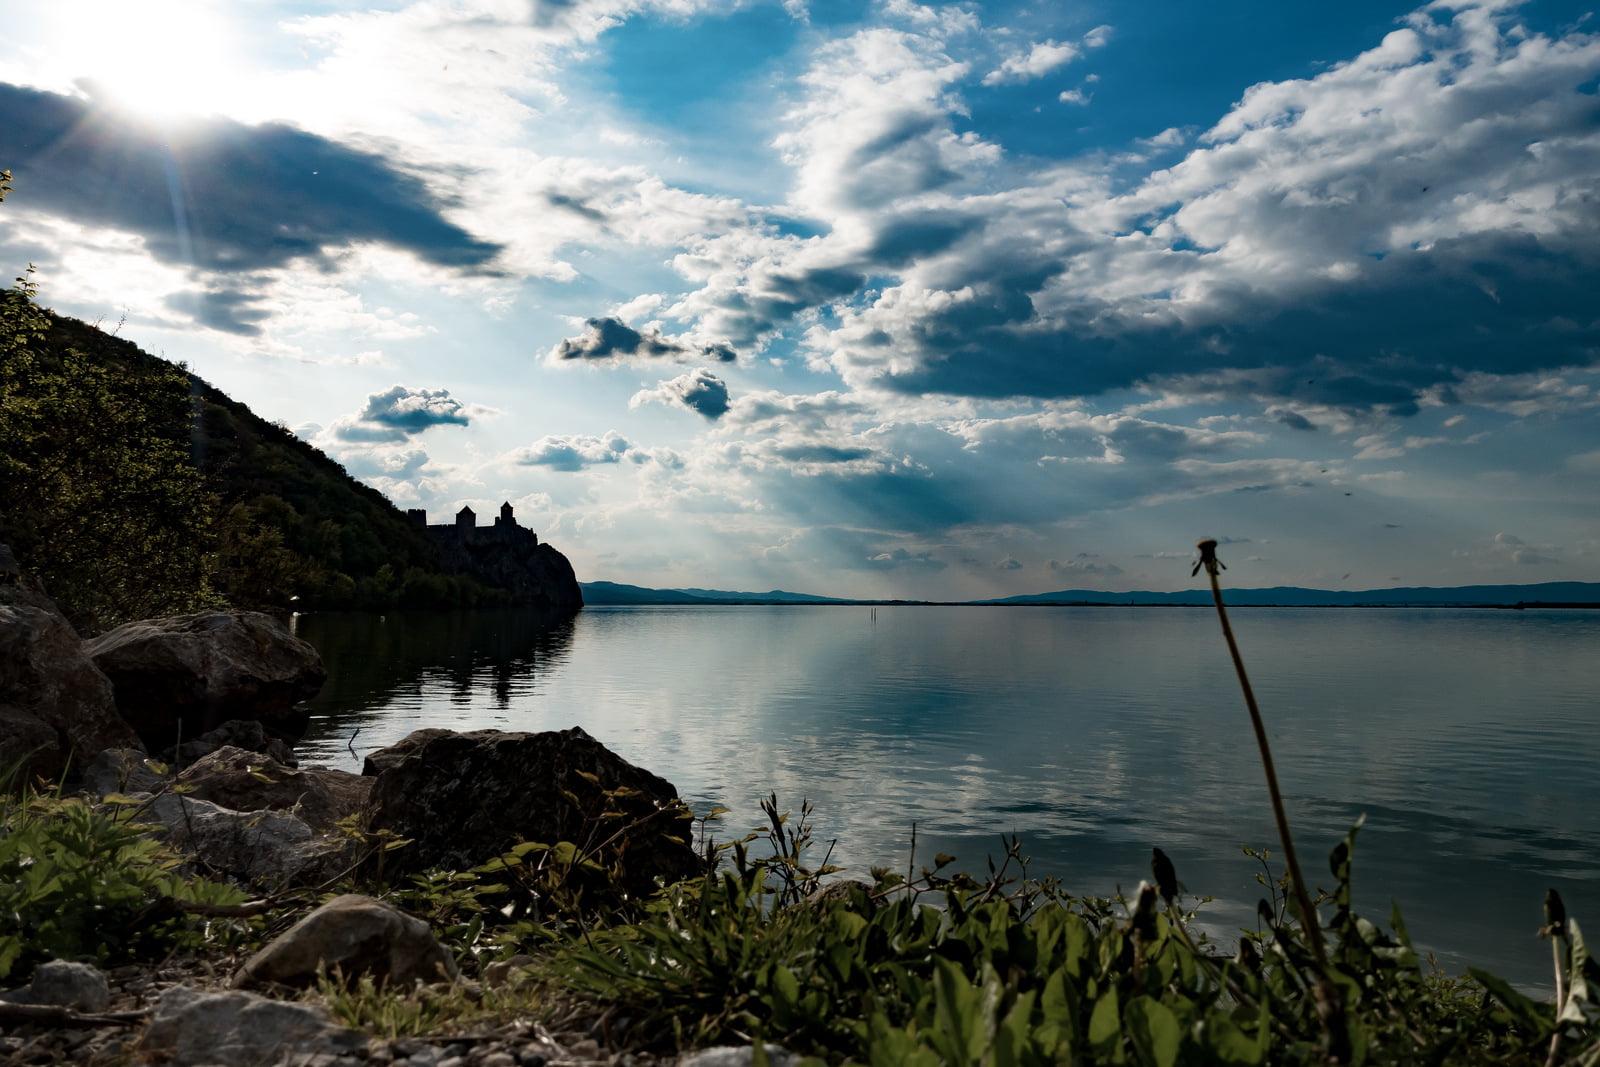 Fortezza di Golubac in Camper e Danubio in Camper